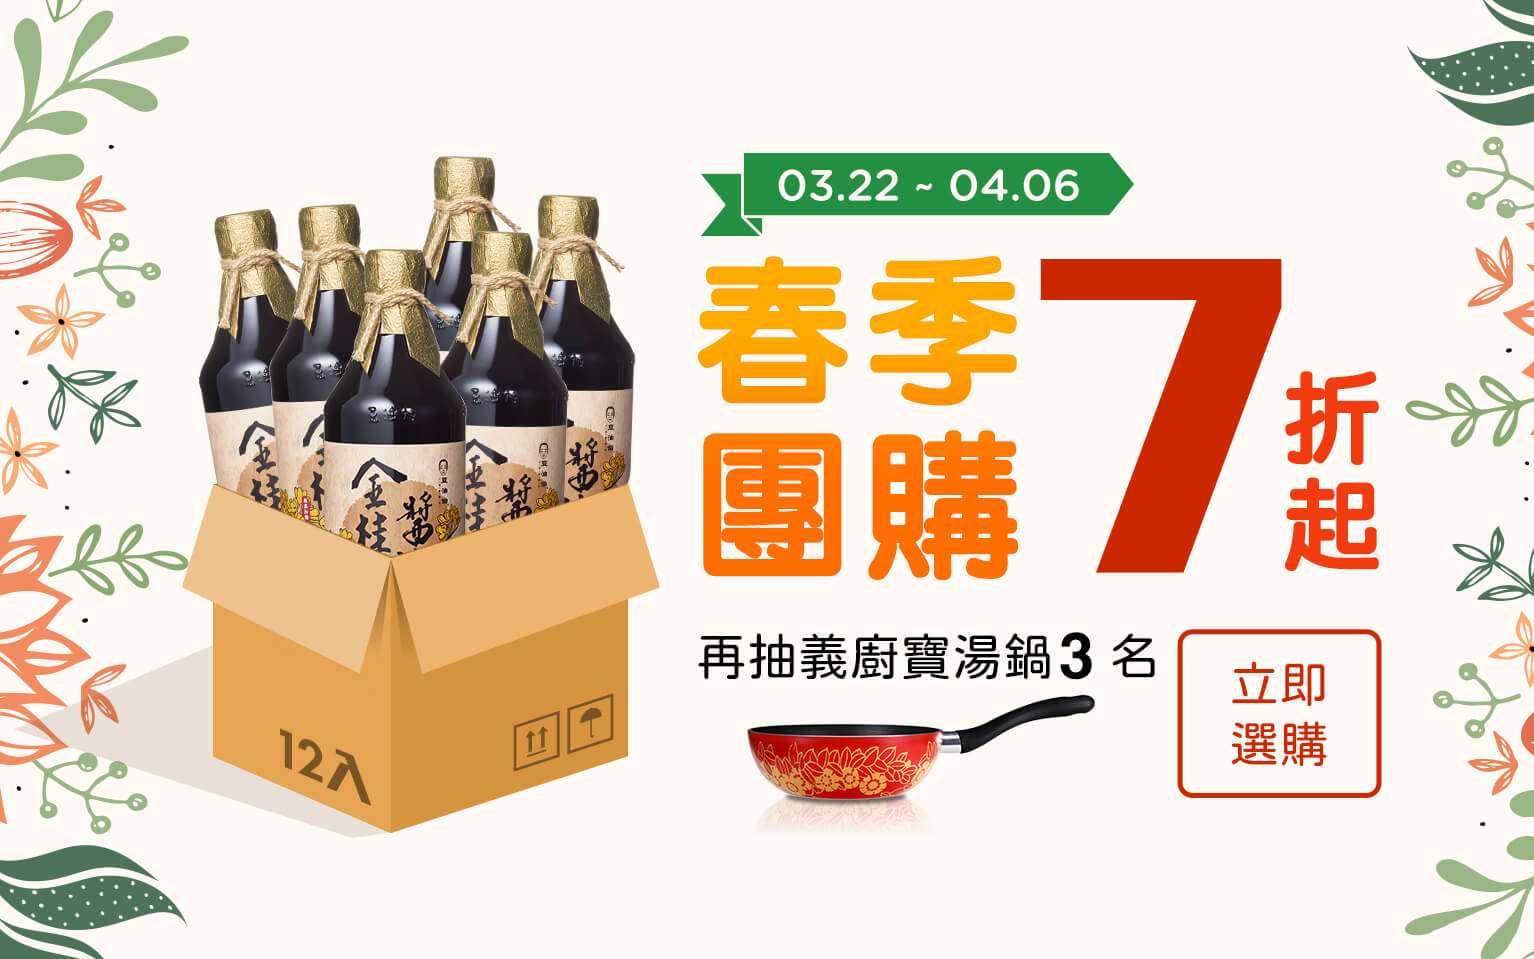 【春季大團購-得獎名單】購買專區商品抽義廚寶小湯鍋